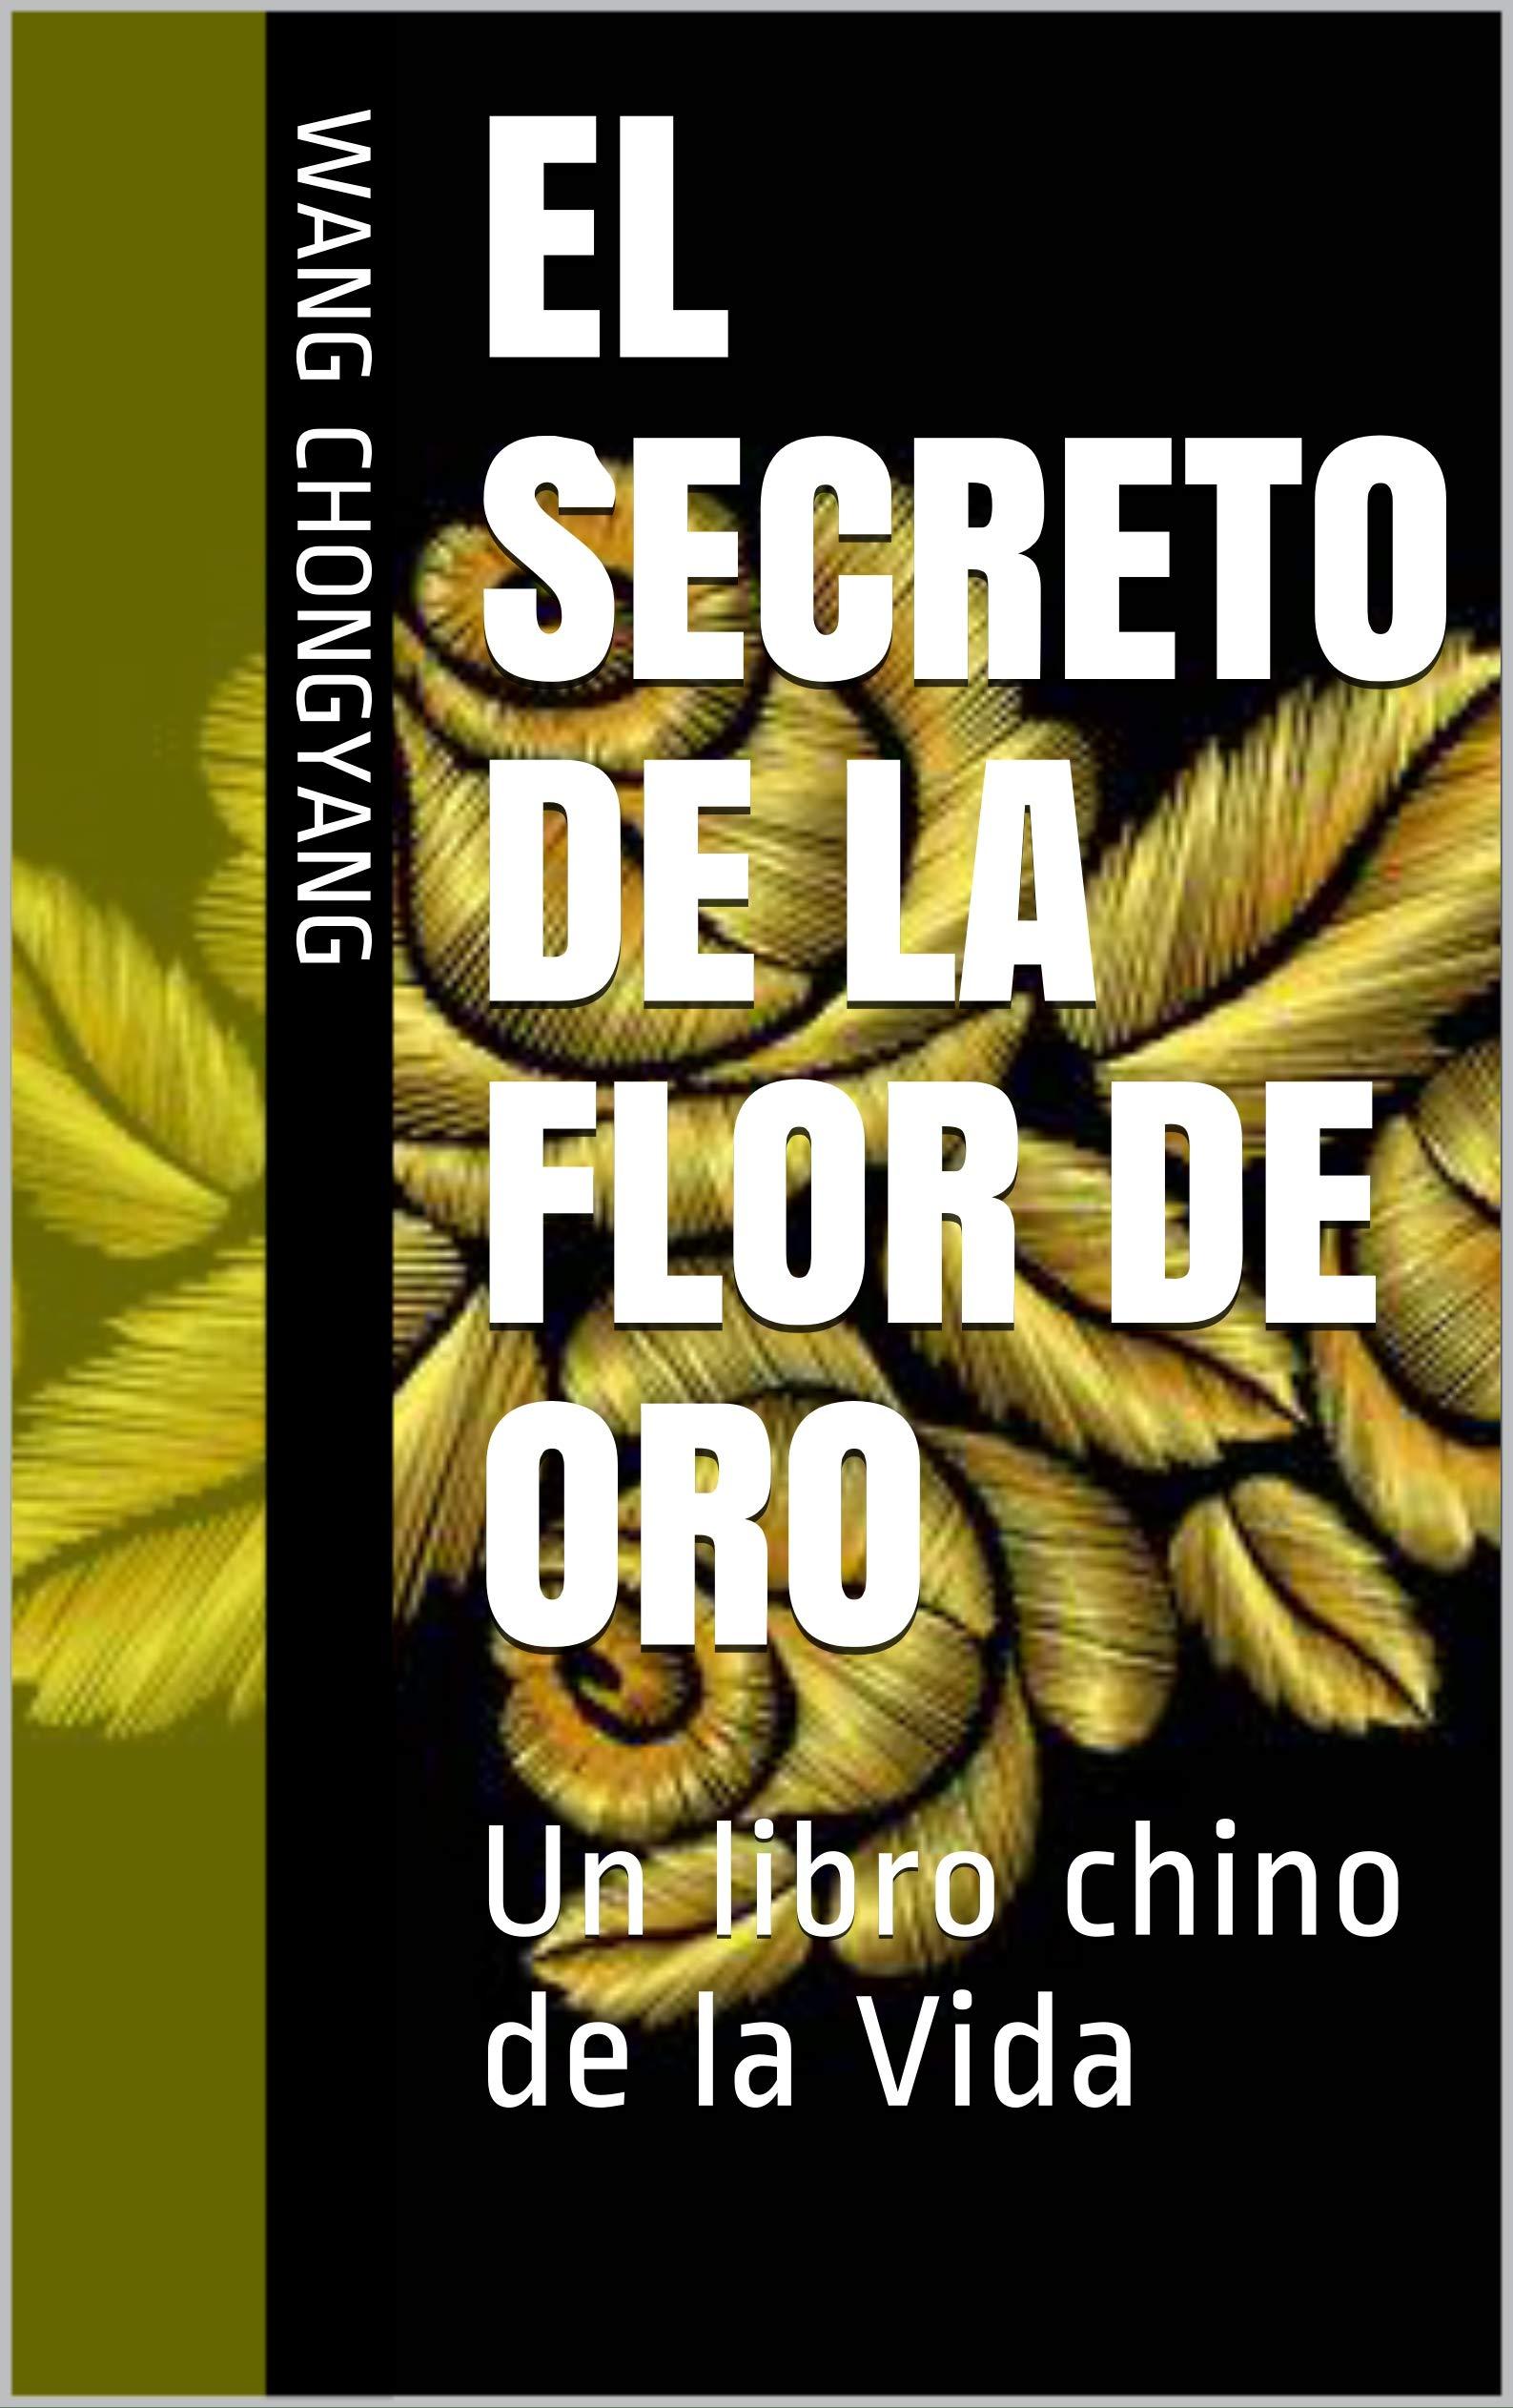 El Secreto de la Flor de Oro: Un libro chino de la Vida